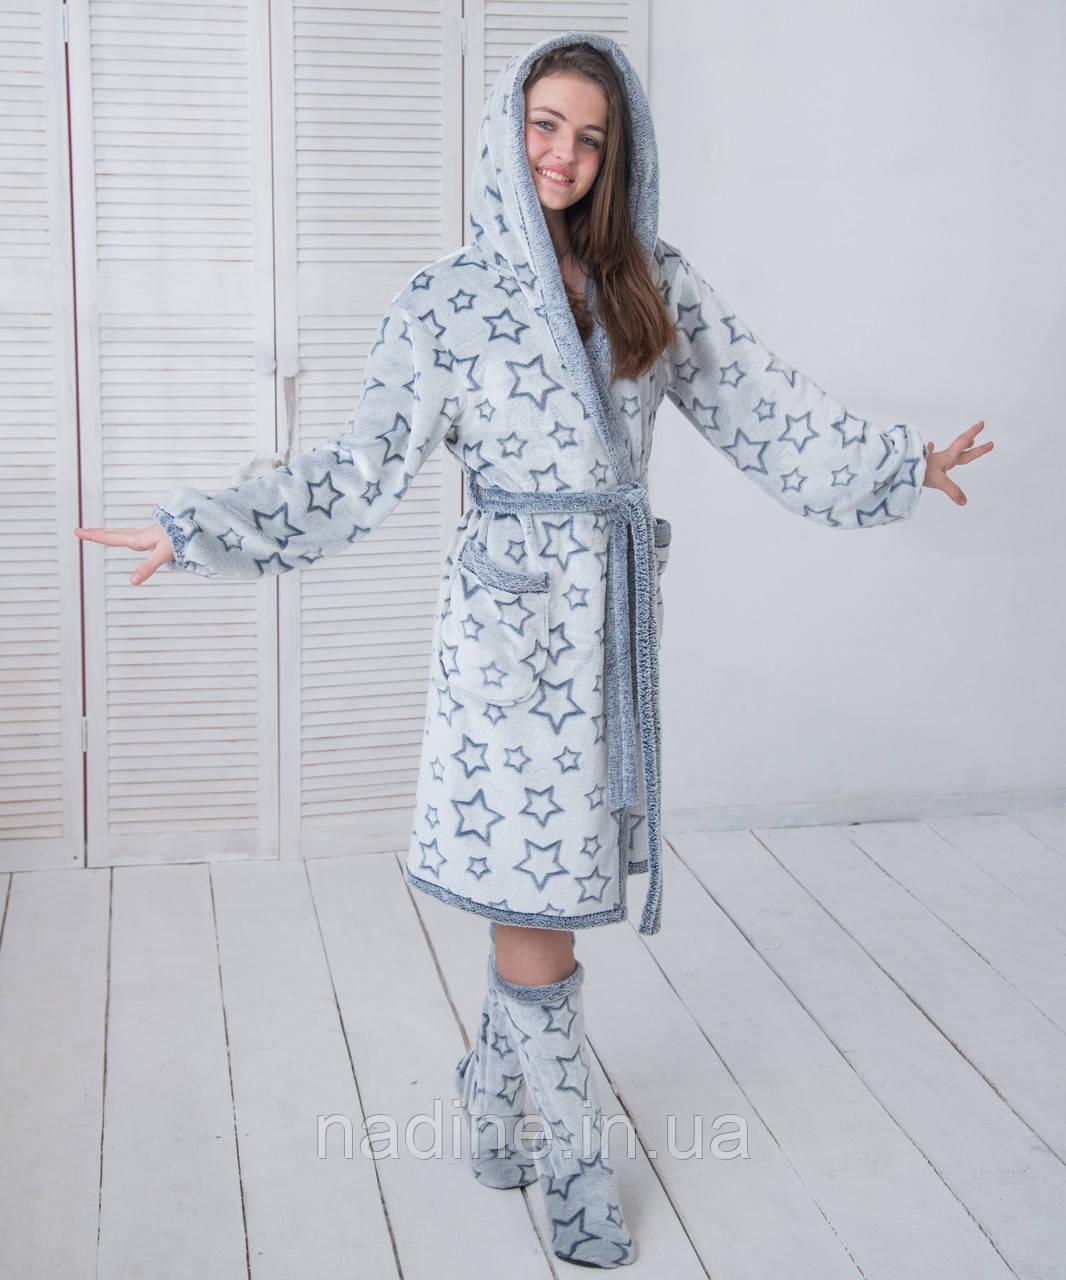 Халатик Blur Star подростковый и сапожки Eirena Nadine (564-52) рост 152 синий